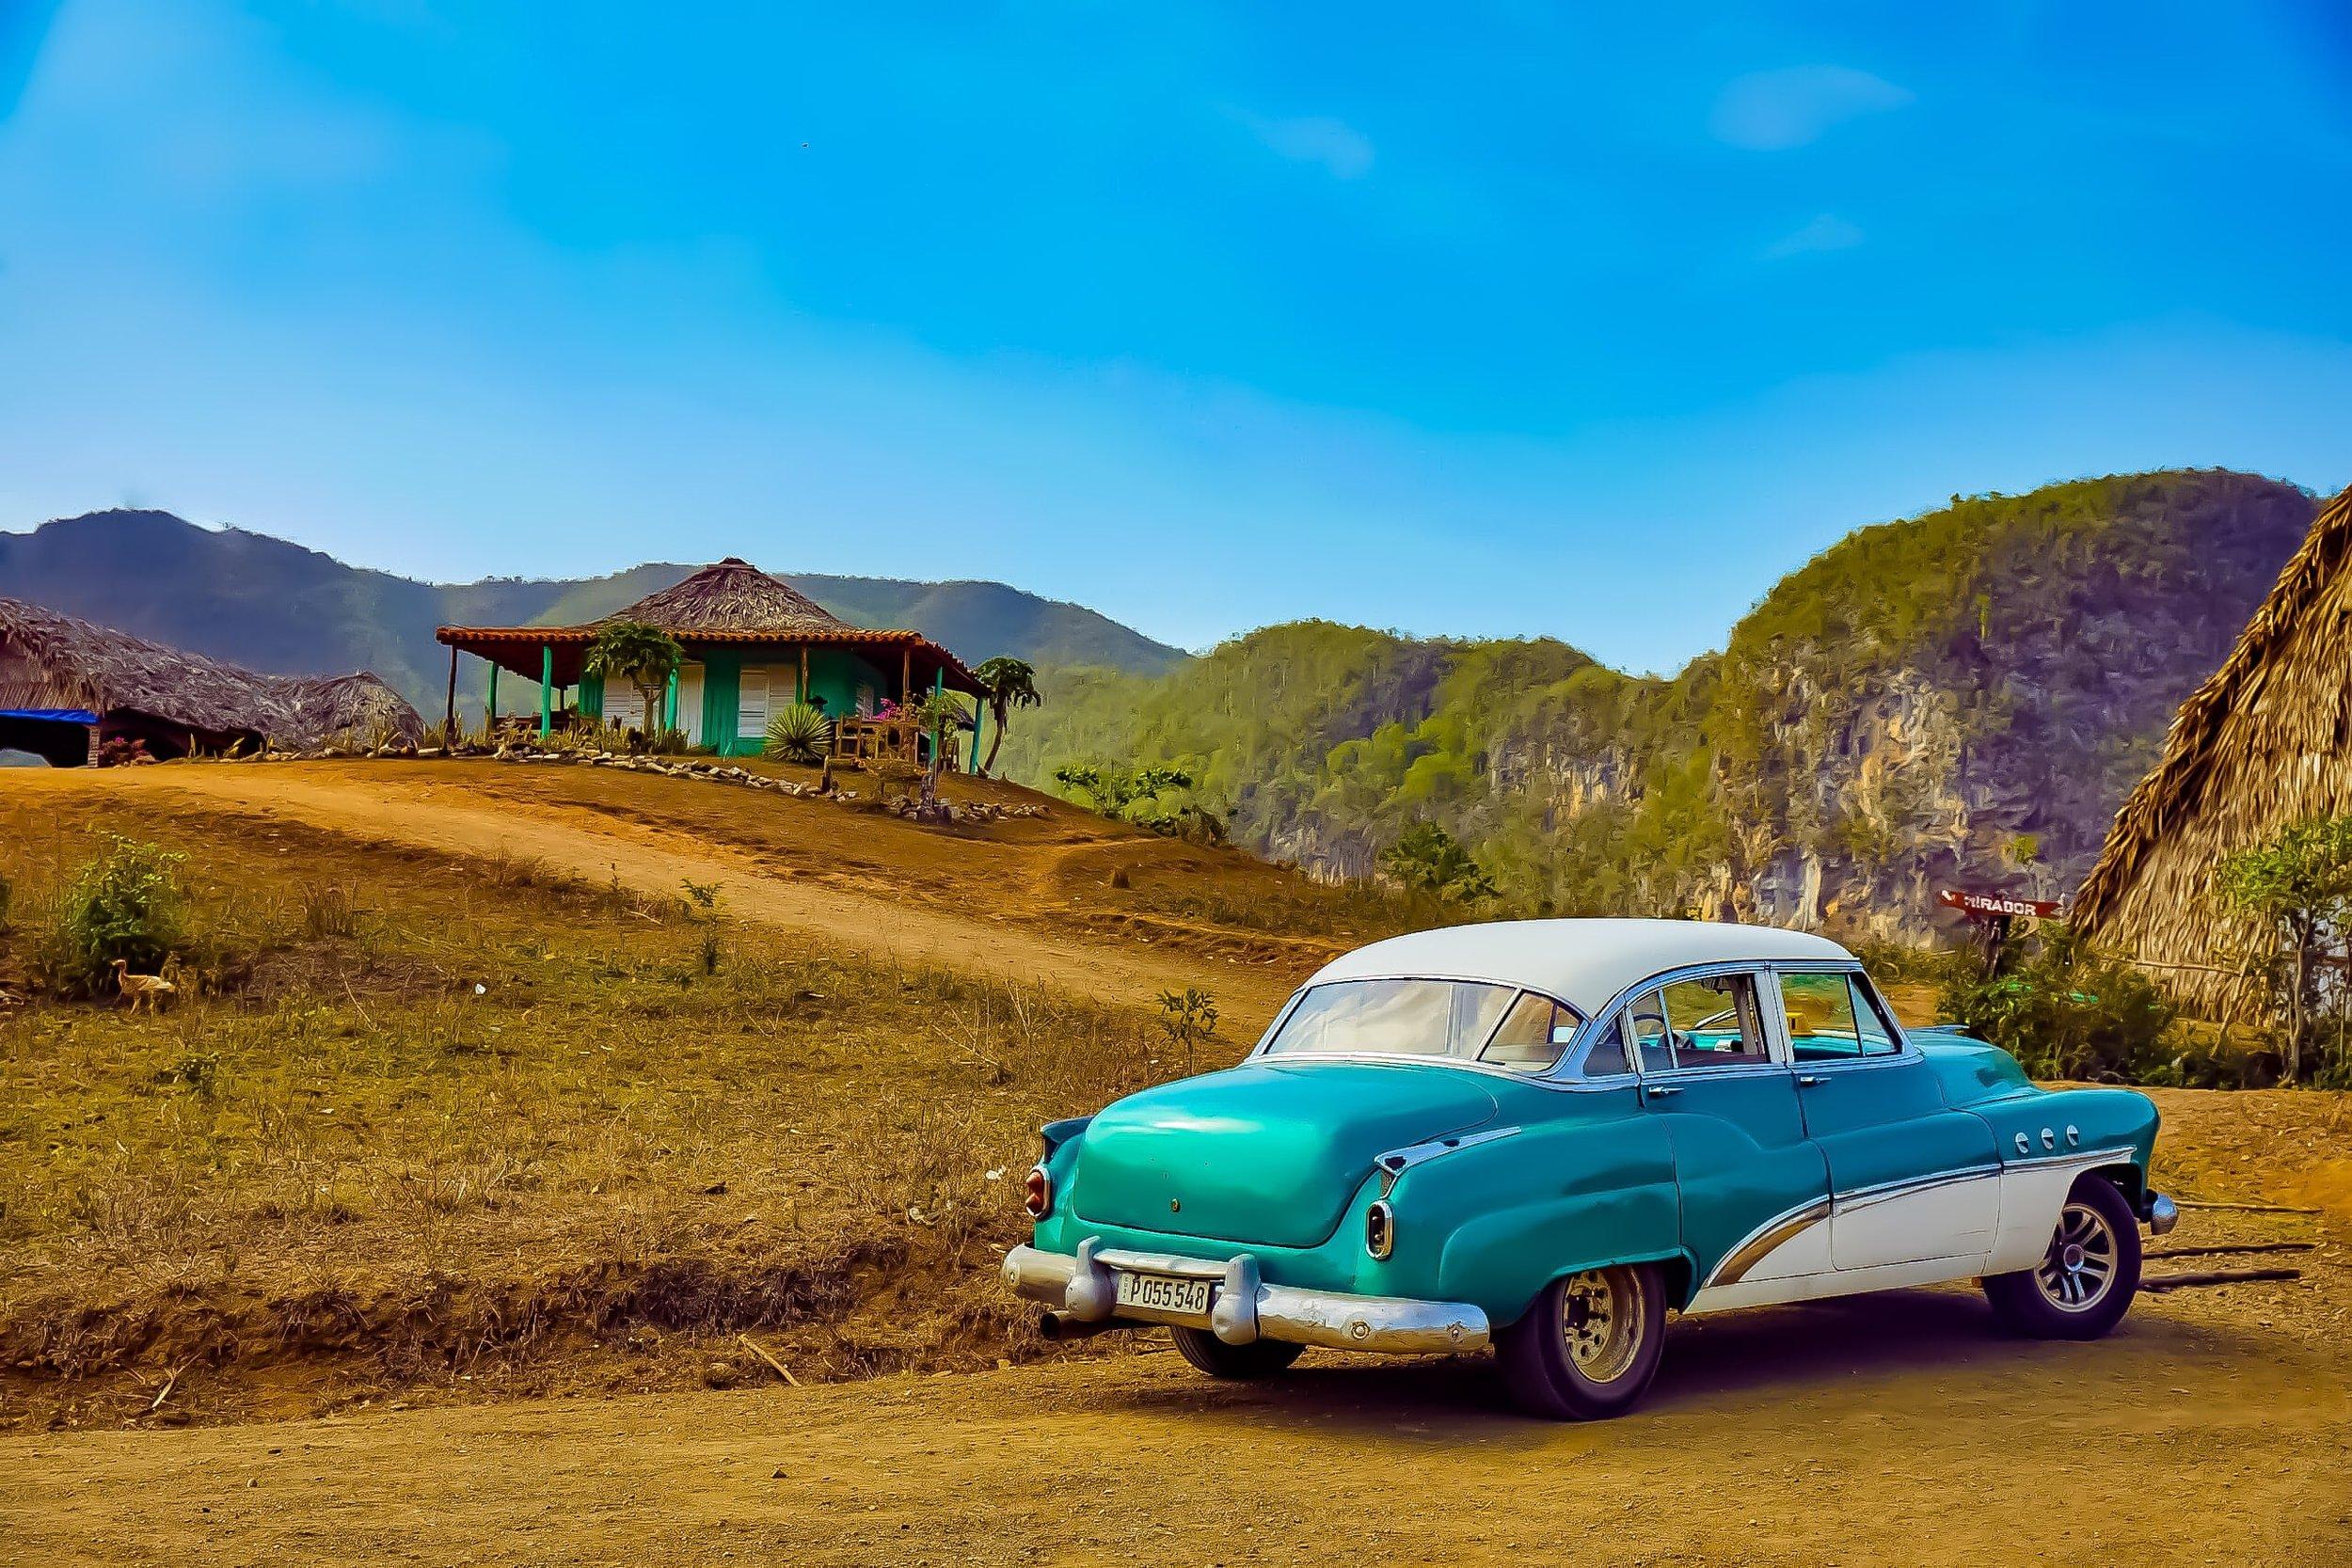 Vinales_Cuba_classic_car.JPEG